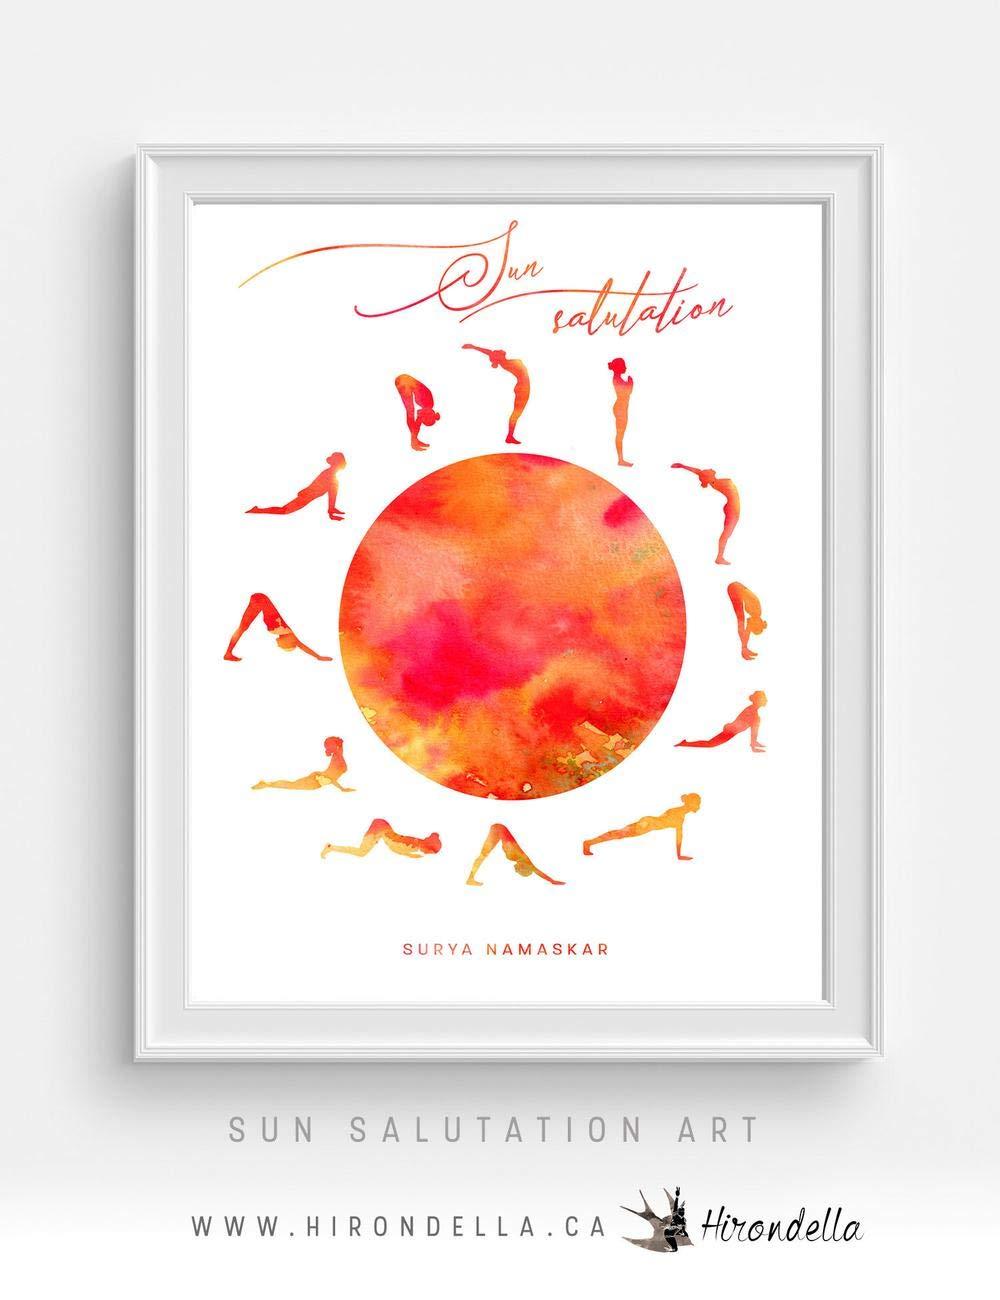 Sun Salutation Meditation and Yoga Poster for Studio Decor, Surya Namaskar, Spiritual Gifts, Yoga Pose Wall Art Print, Yoga Art for Home Frame